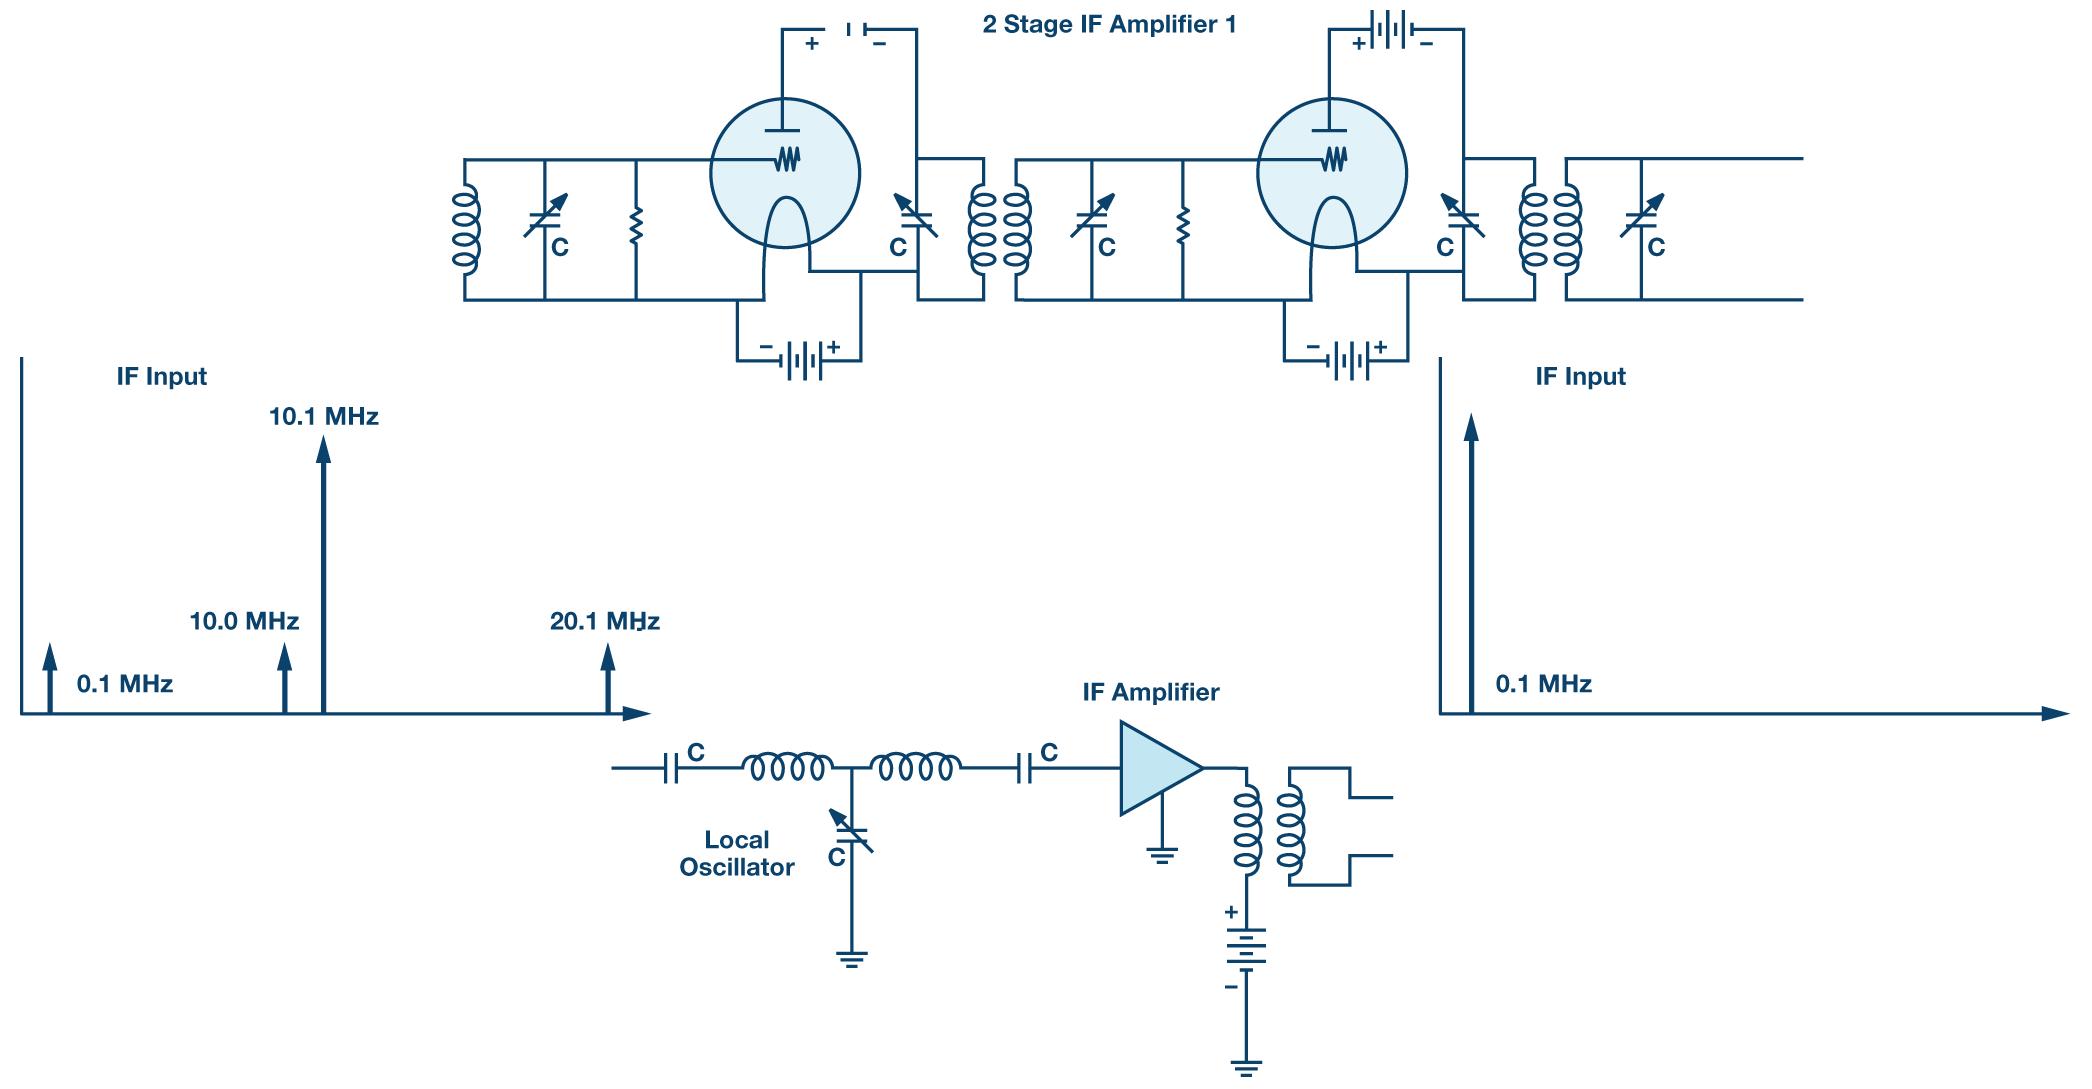 figure 19 [ 2092 x 1089 Pixel ]